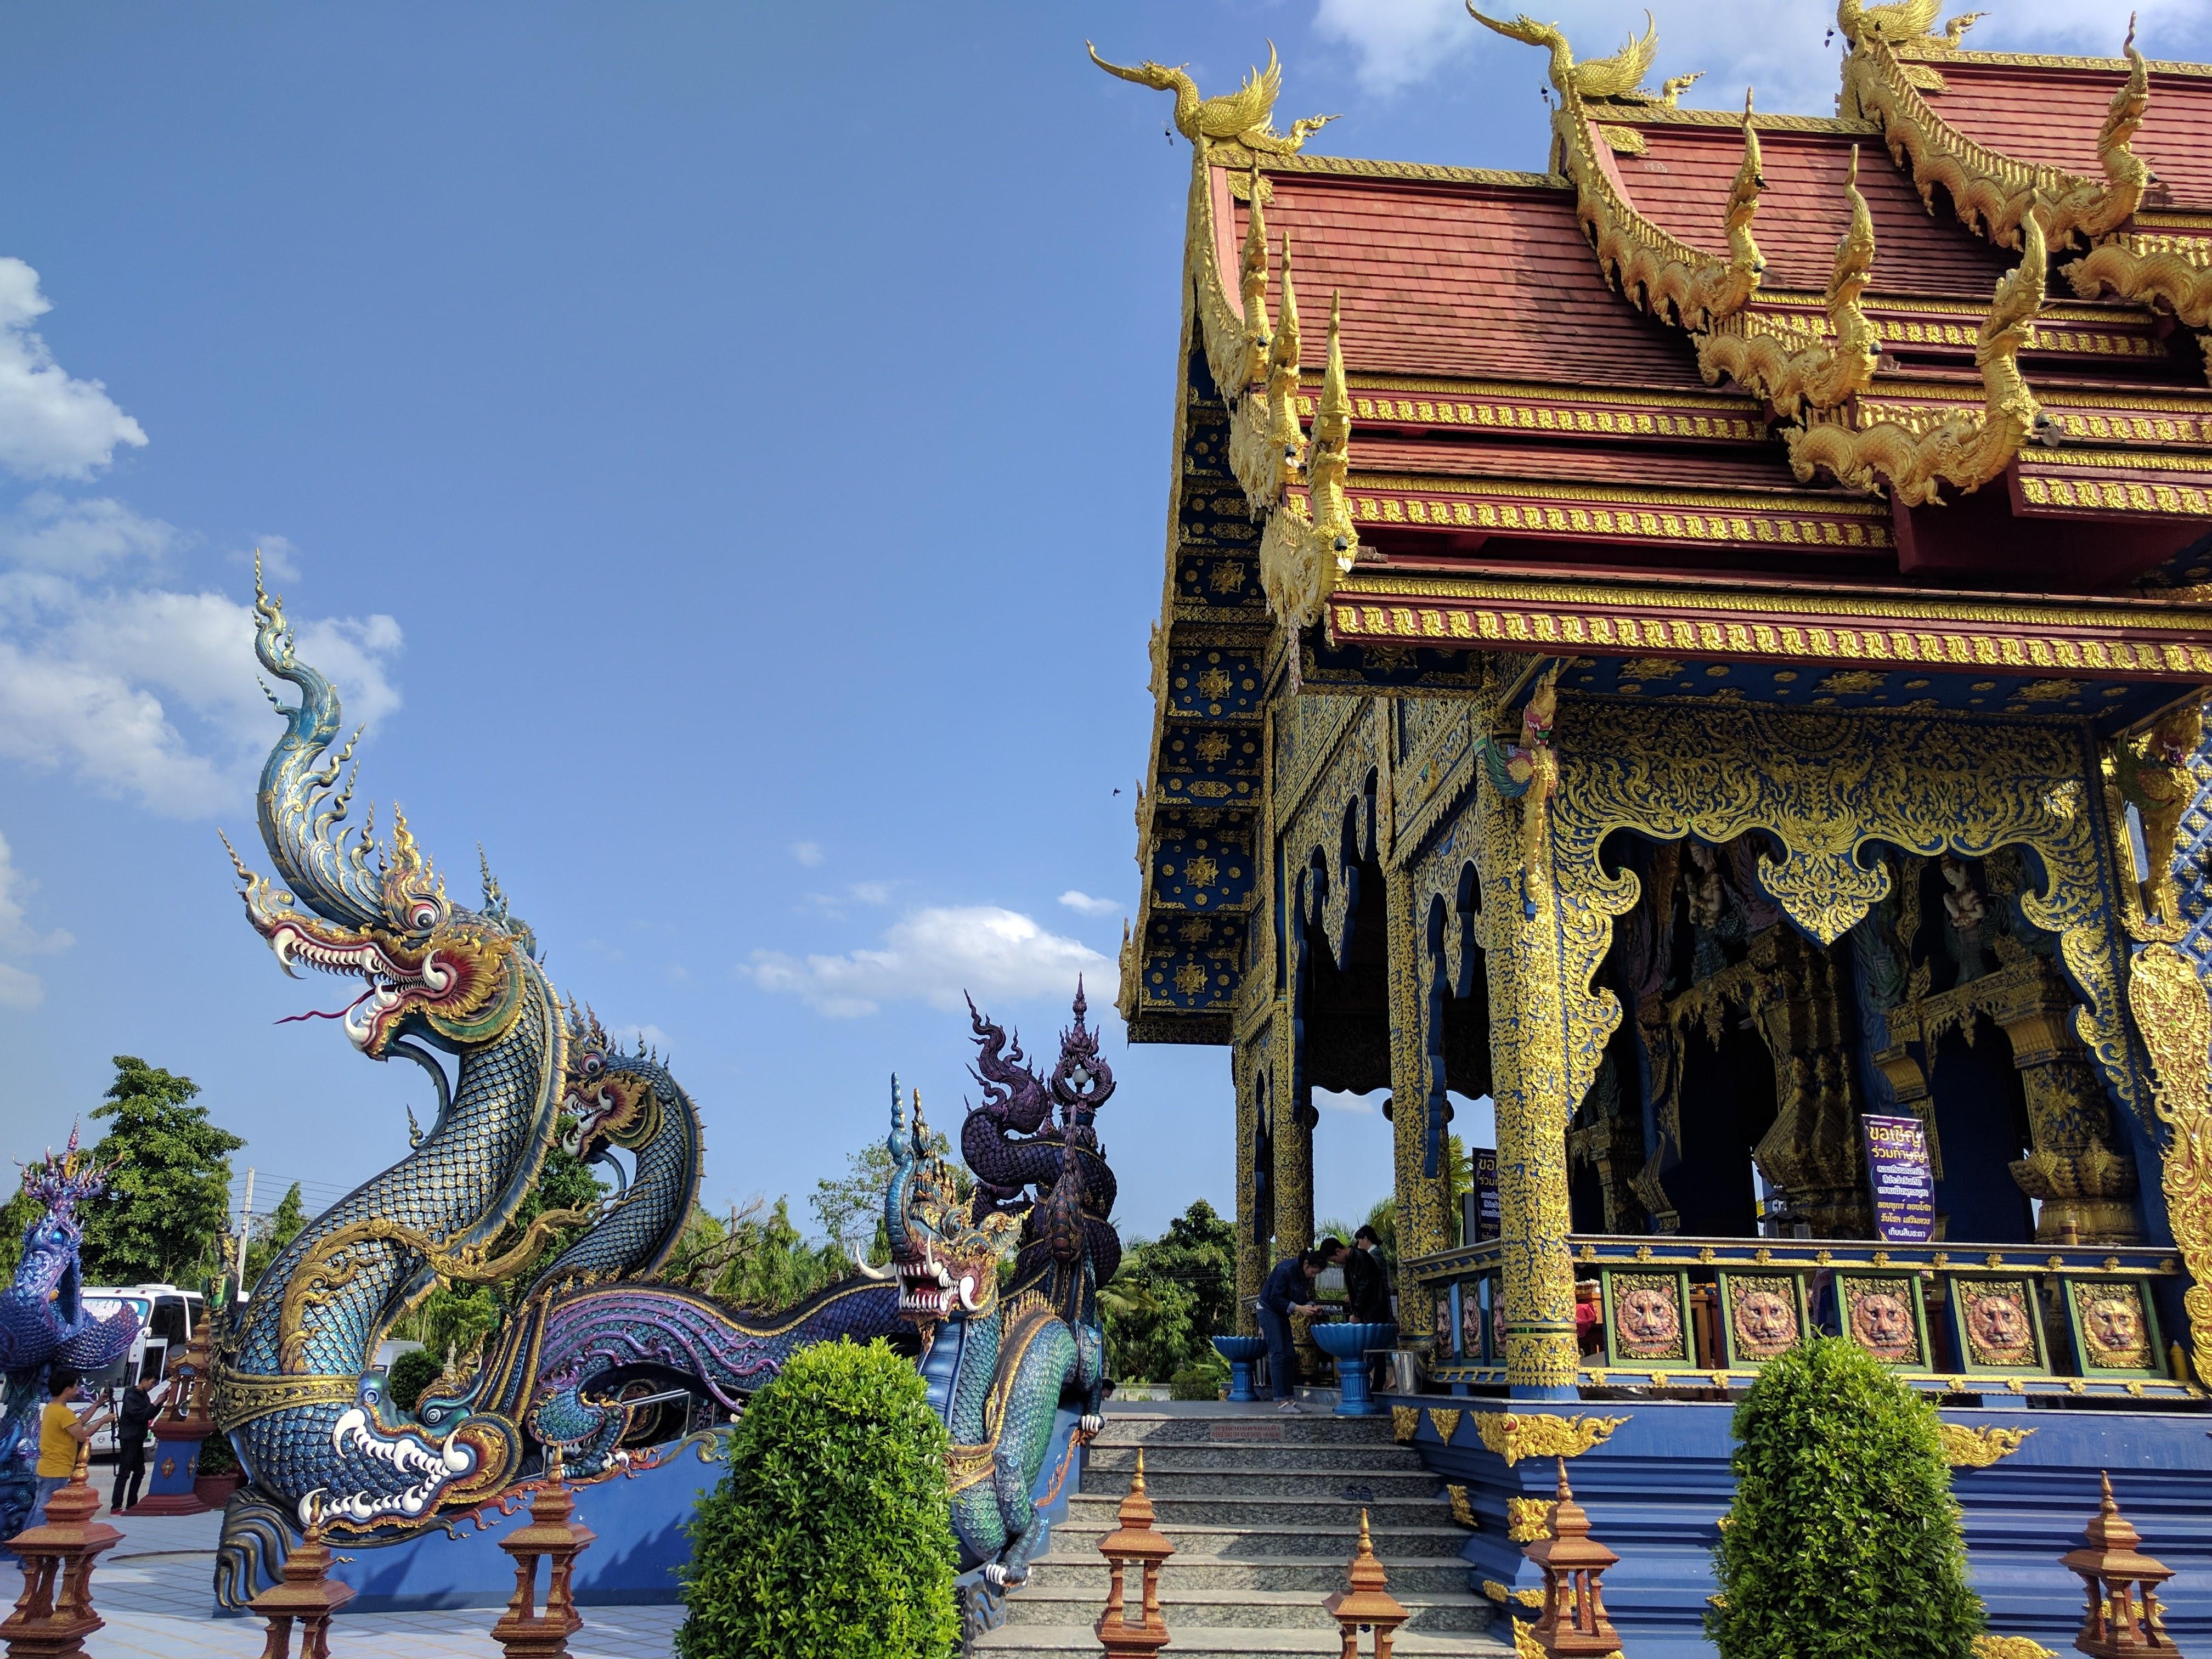 Blue temple front